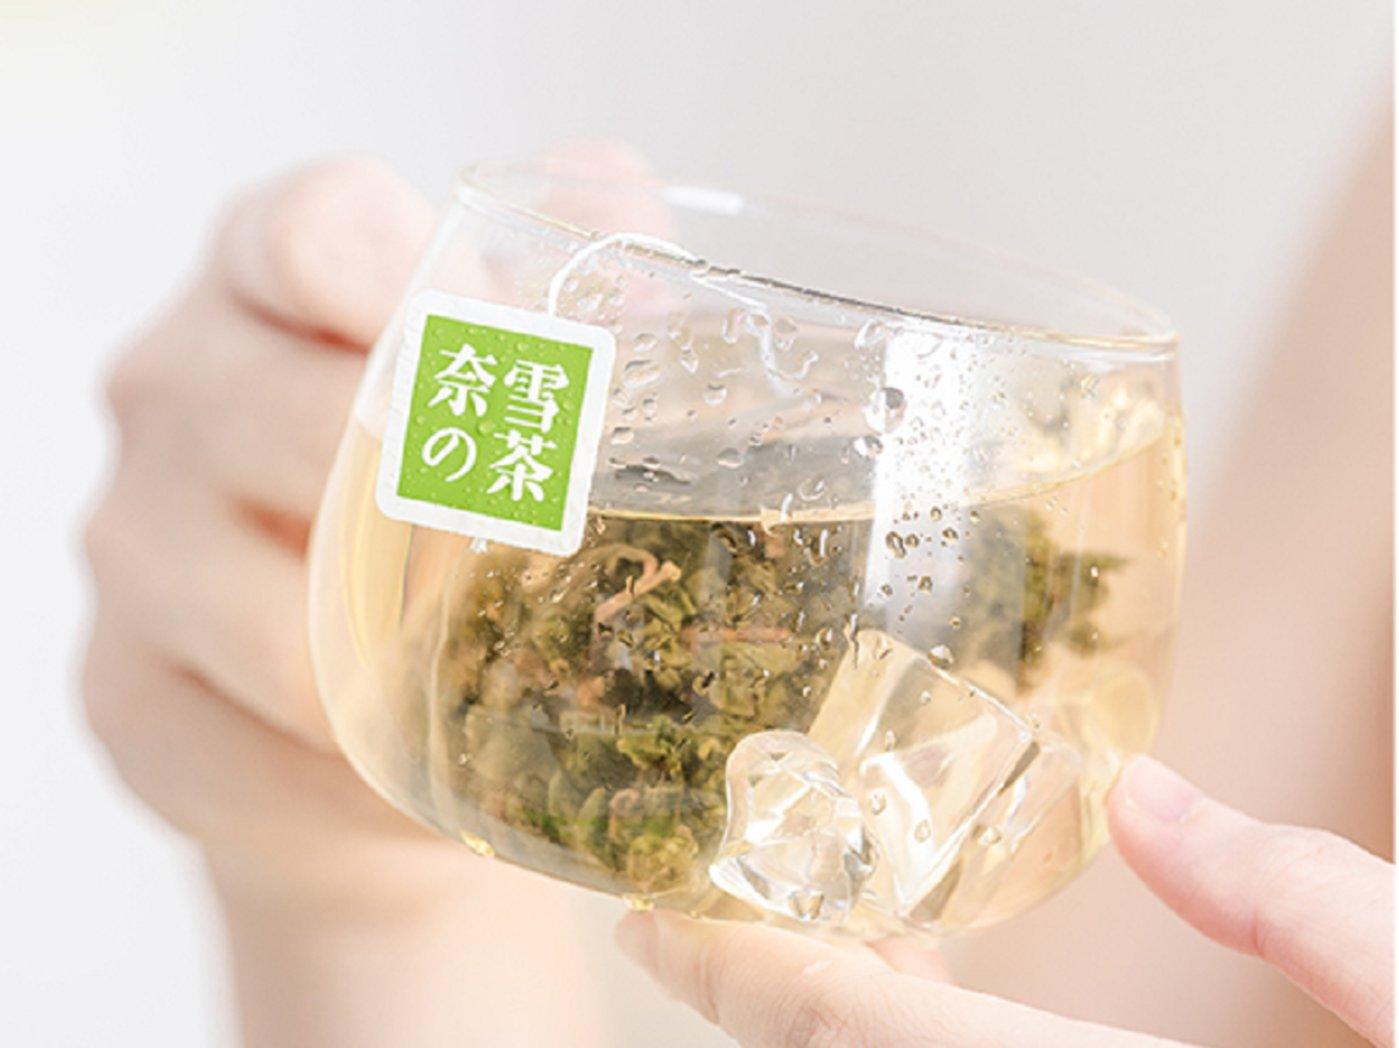 图源奈雪的茶天猫店